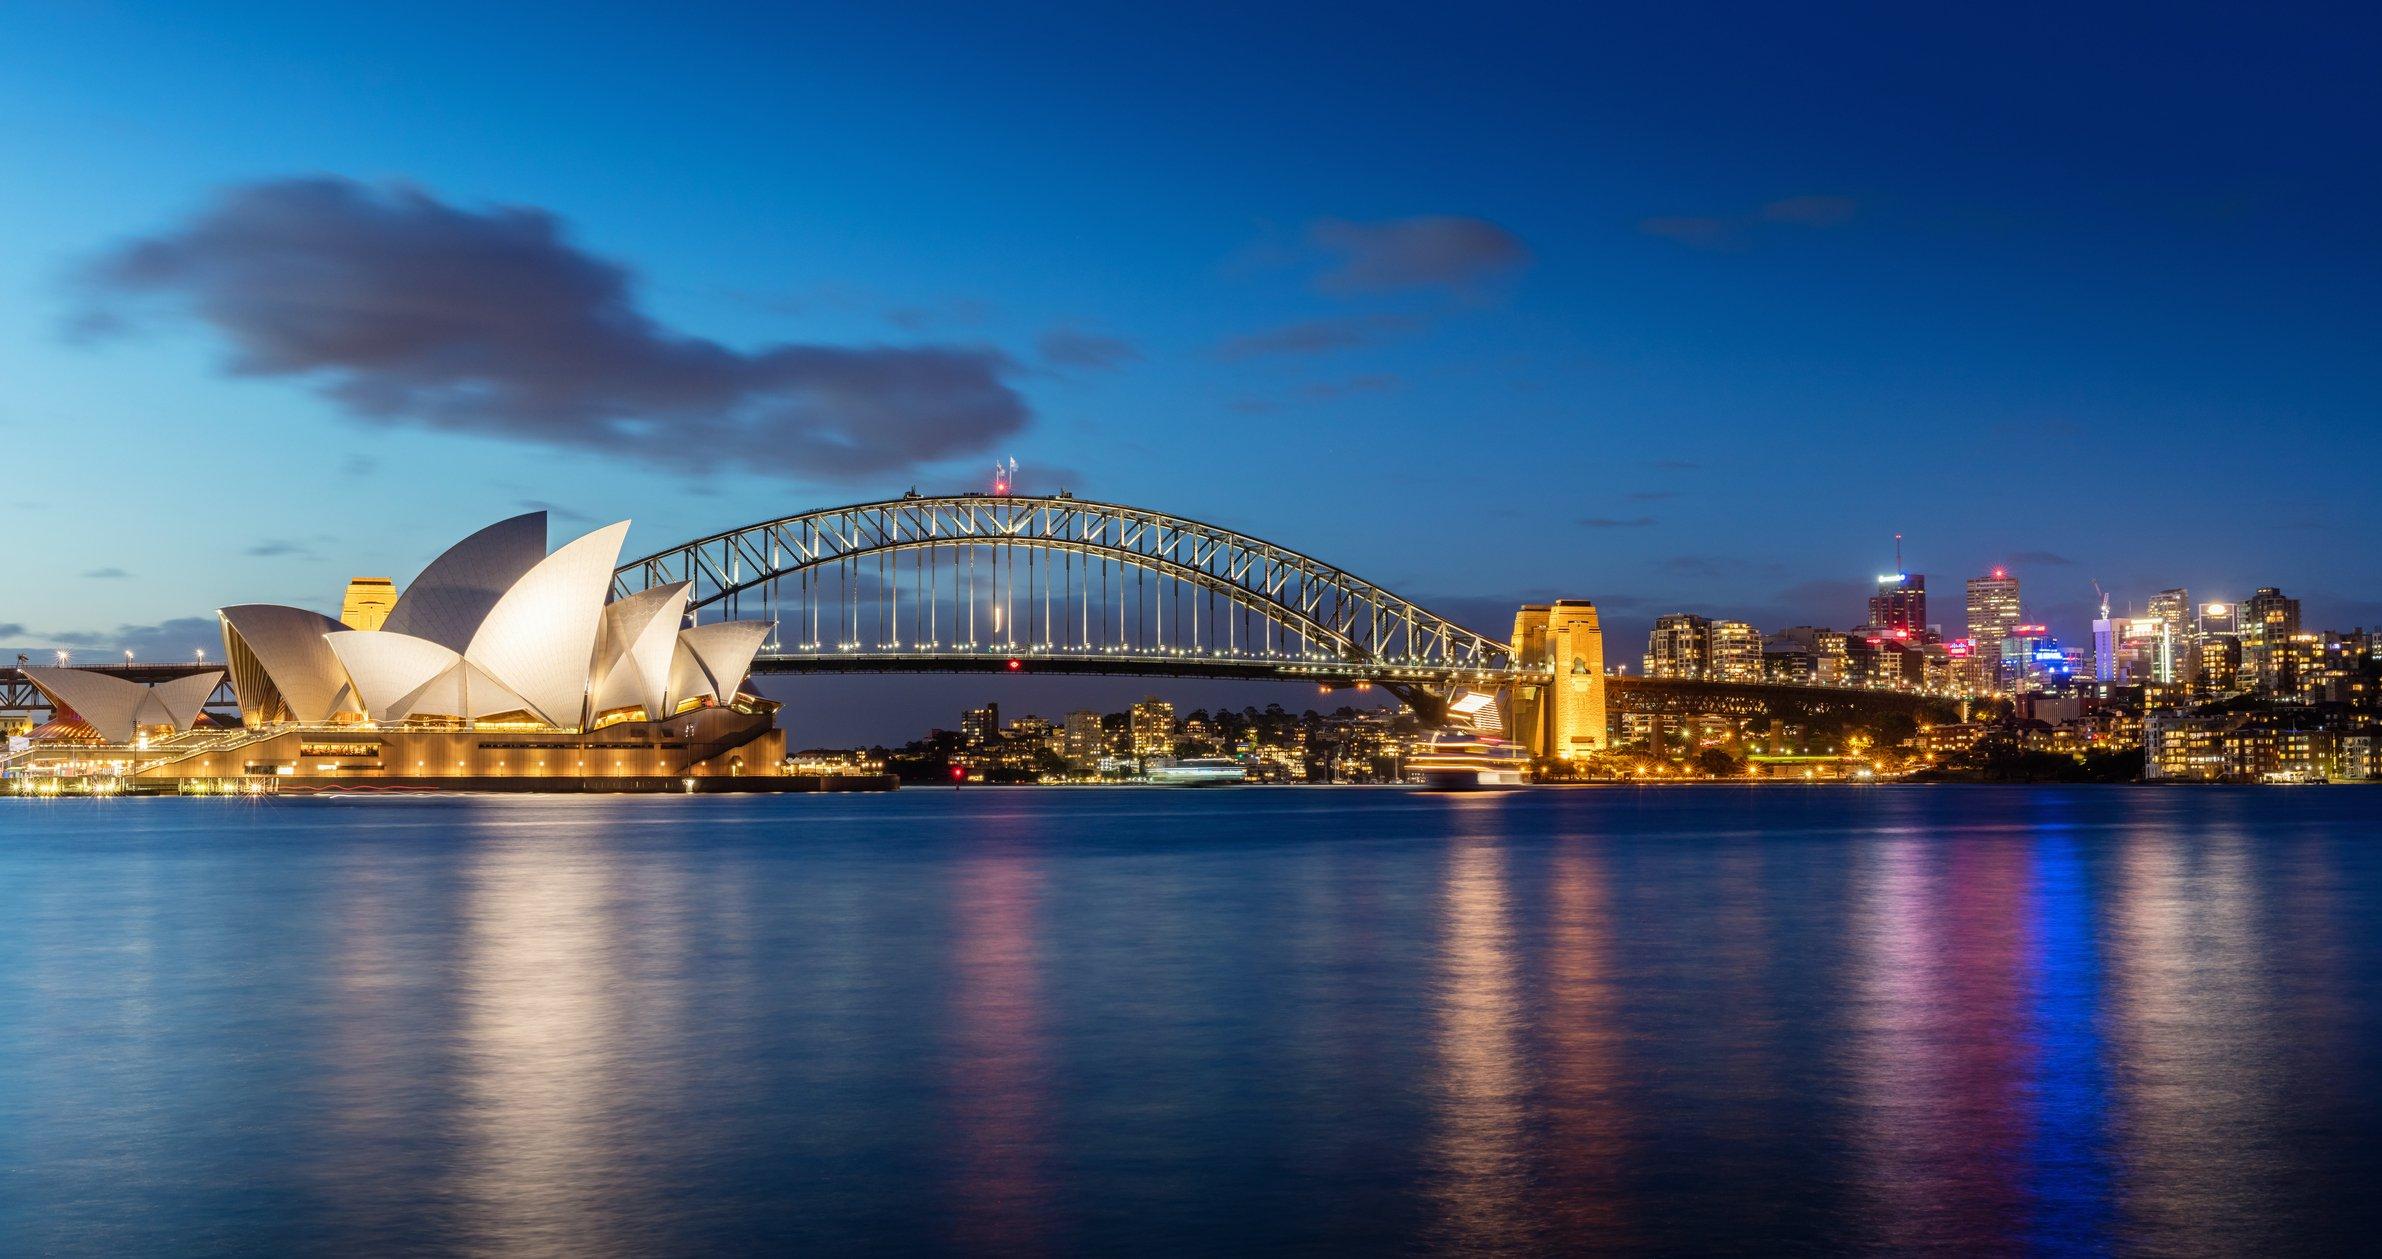 Sídney de noche, Australia, con Opera House y Harbour Bridge